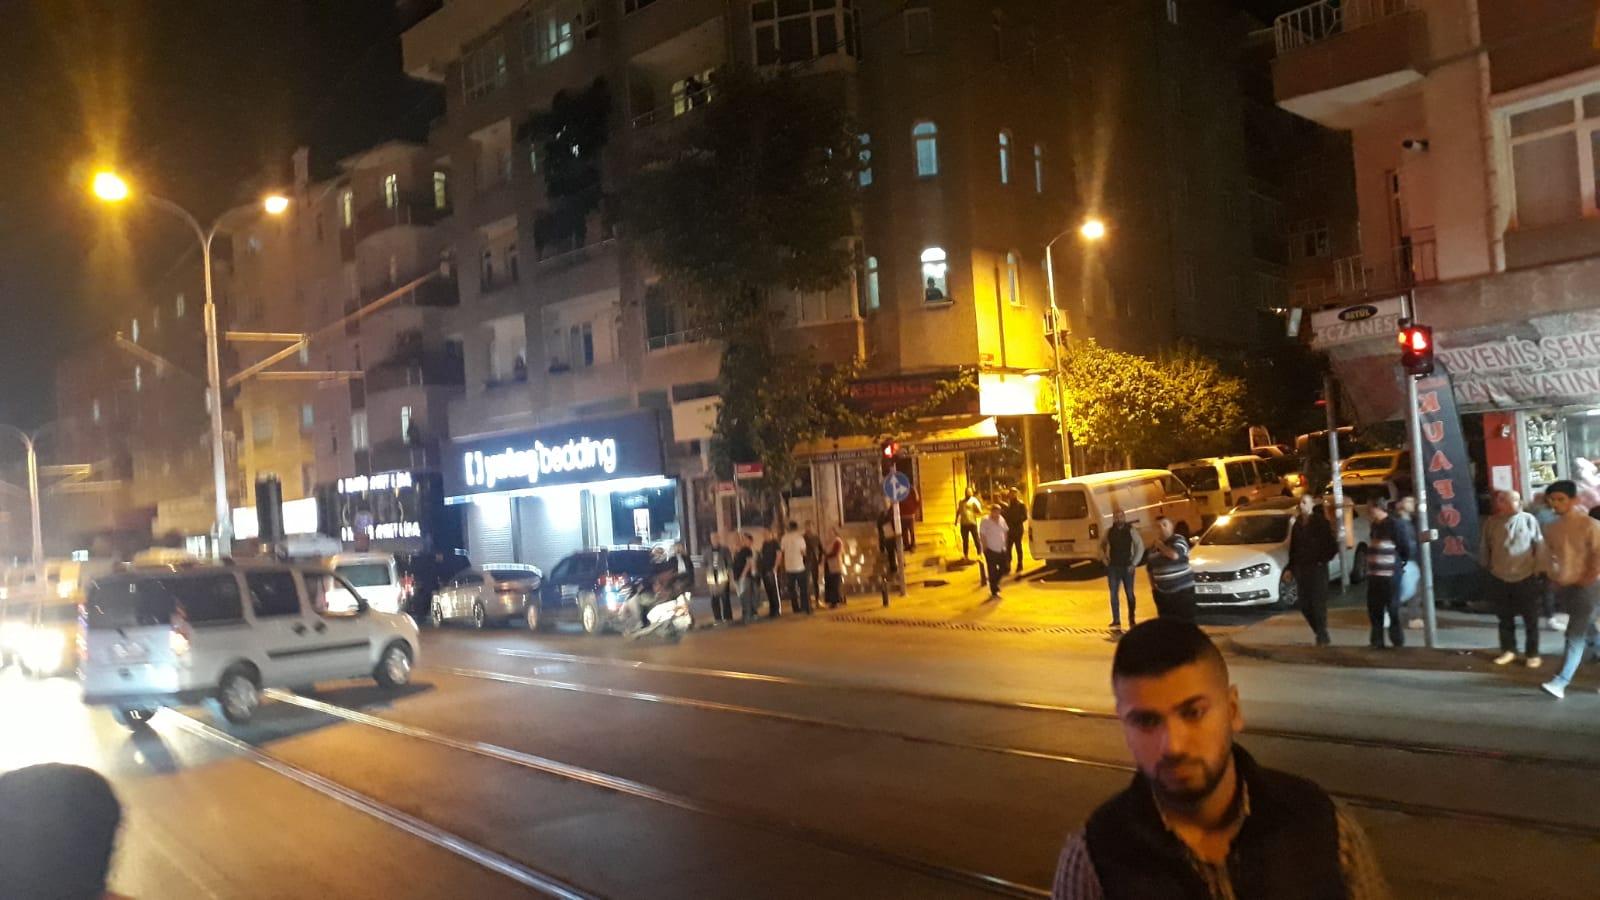 Güngören'de silahlar saldırı, 2 yaralı, 1 kişi hayatını kaybetti